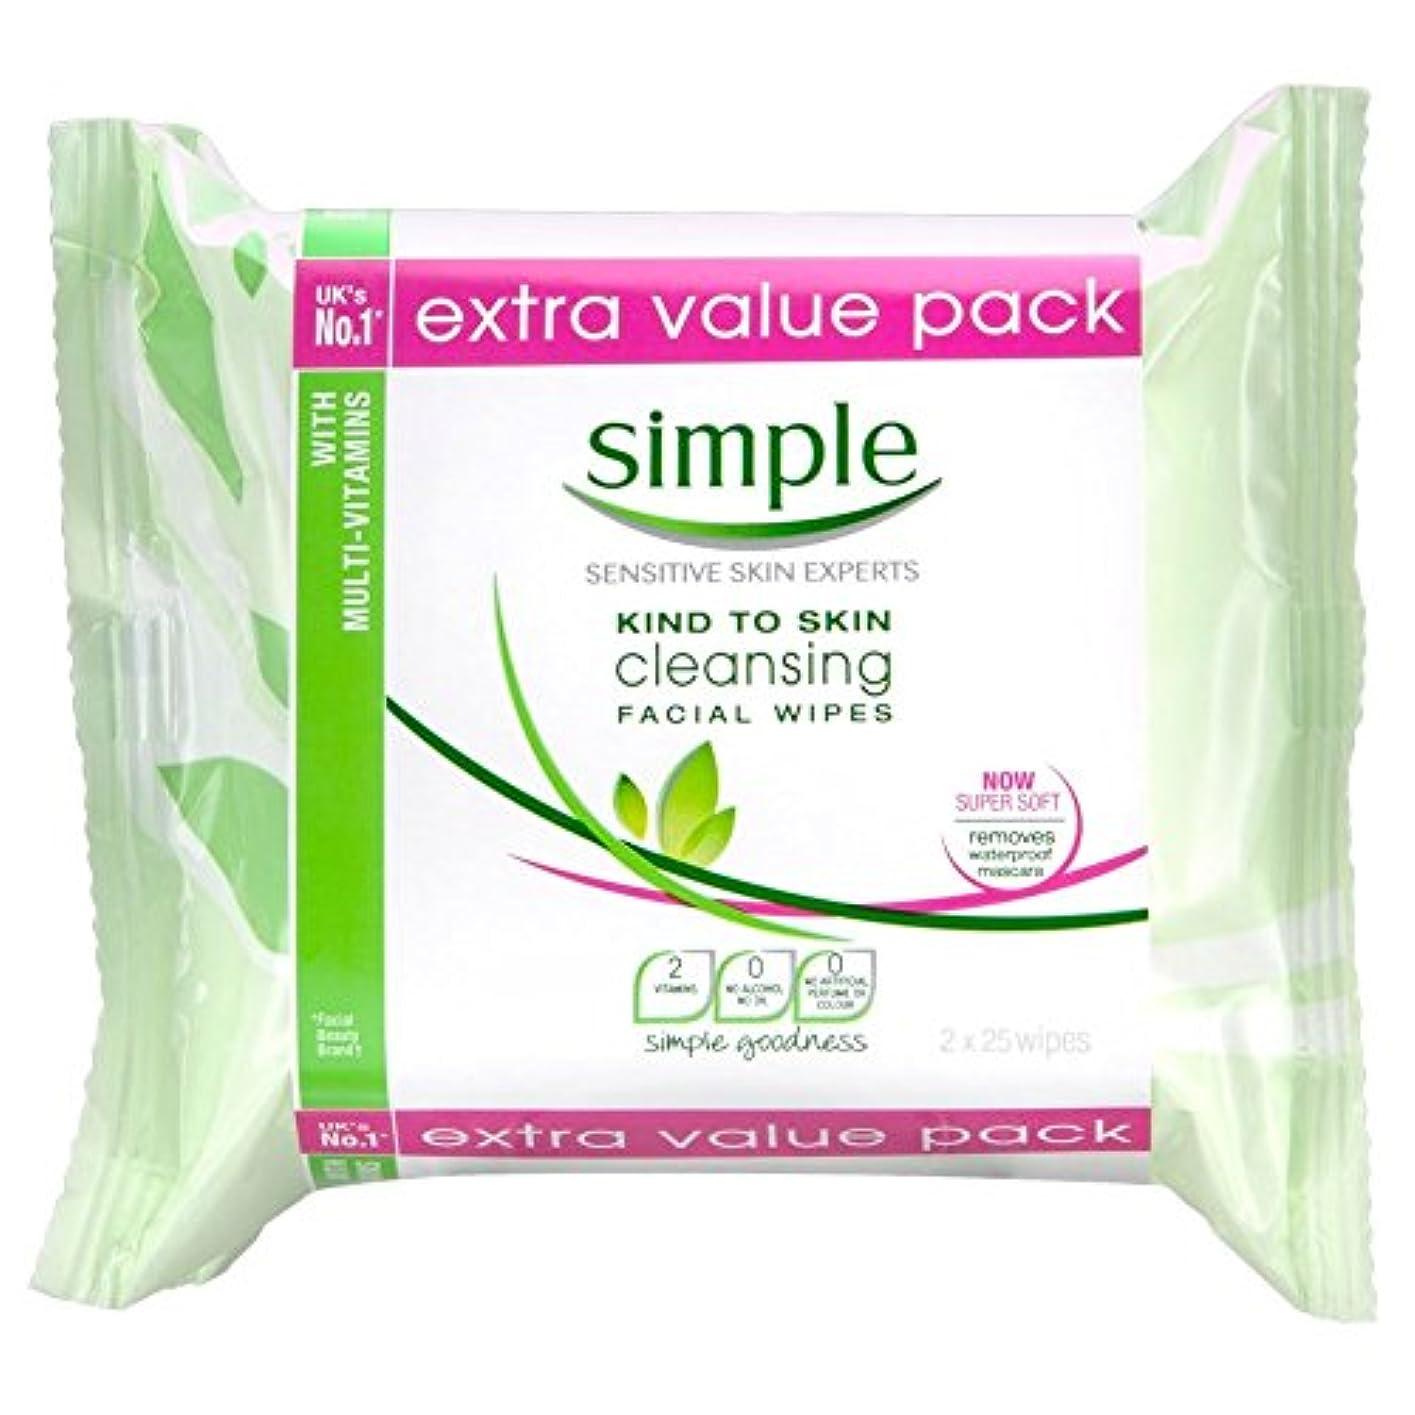 デコラティブ狂乱以内にSimple Cleansing Facial Wipes (25 per pack x 2) シンプルなクレンジングフェイシャルワイプ(パックあたり25× 2 ) [並行輸入品]